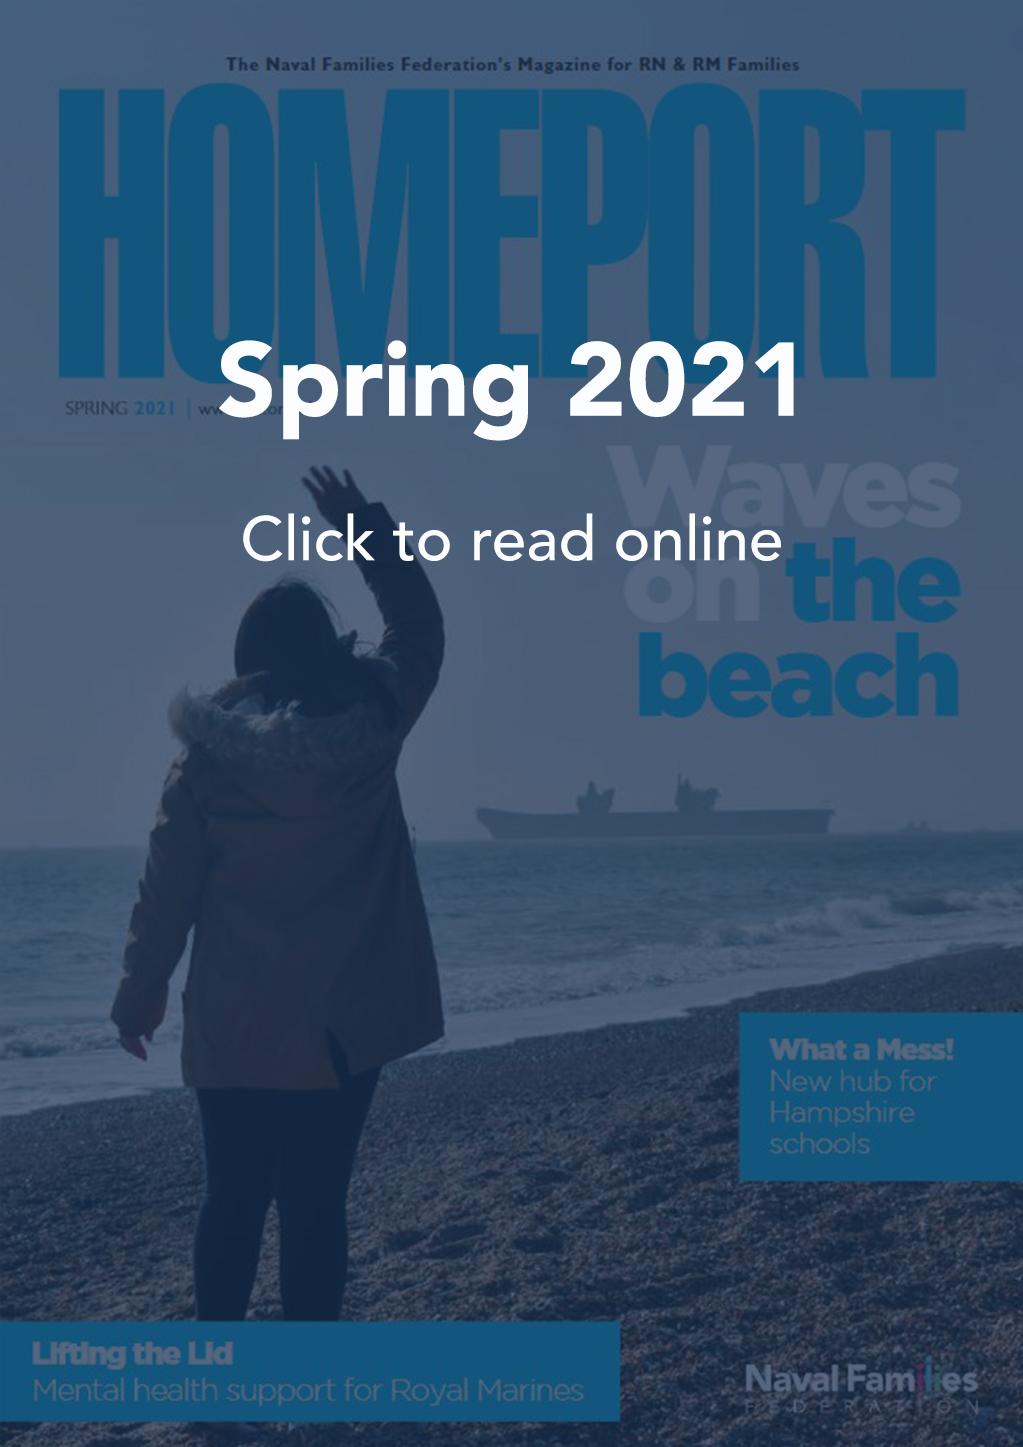 83 2021 Spring